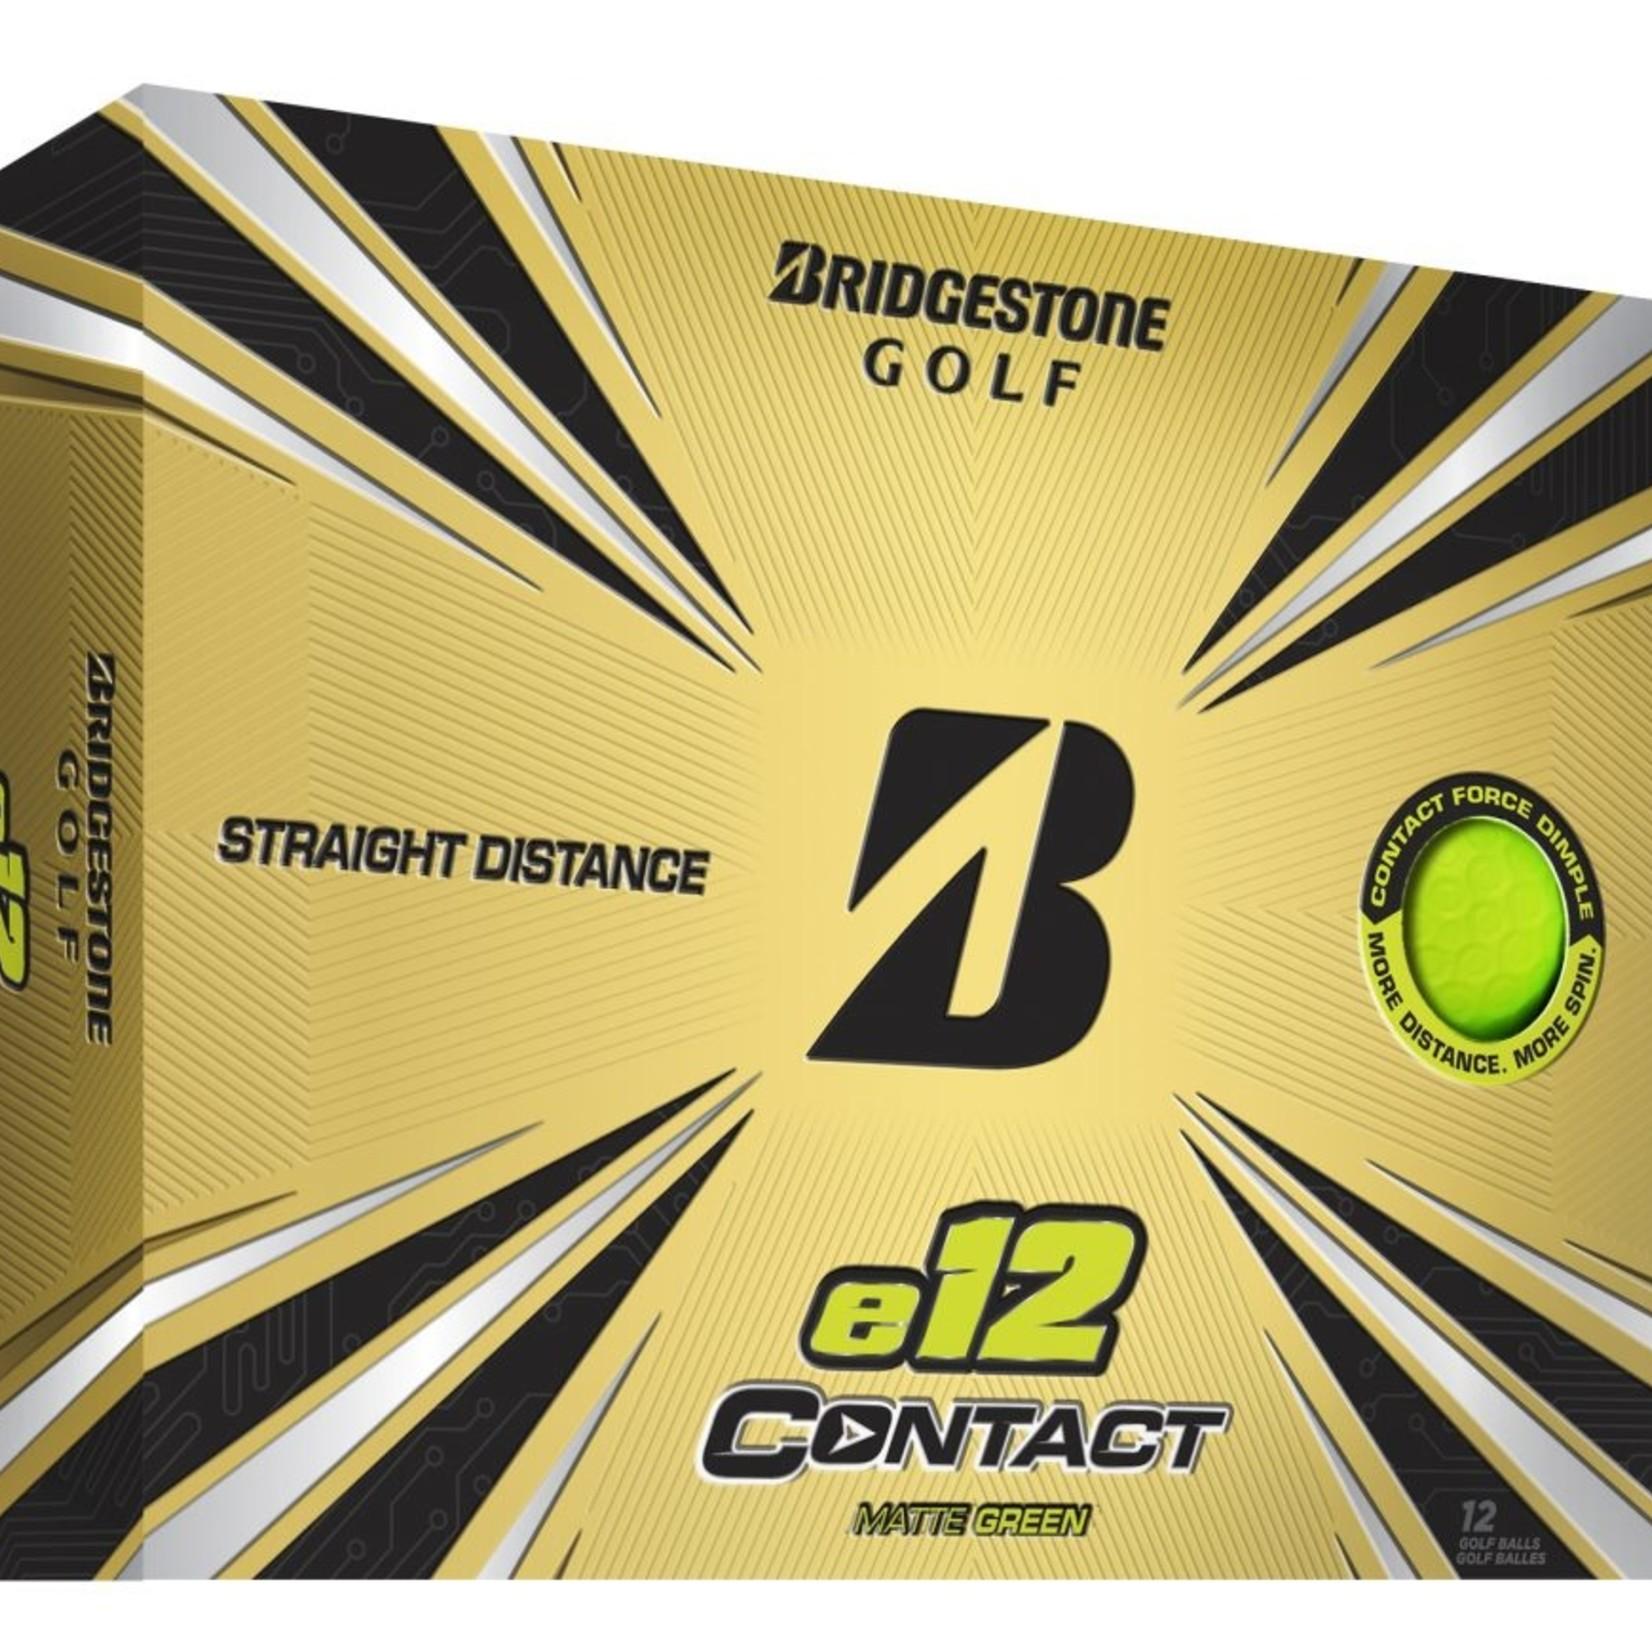 Bridgestone Bridgestone e12 Contact Matte Dozen 21